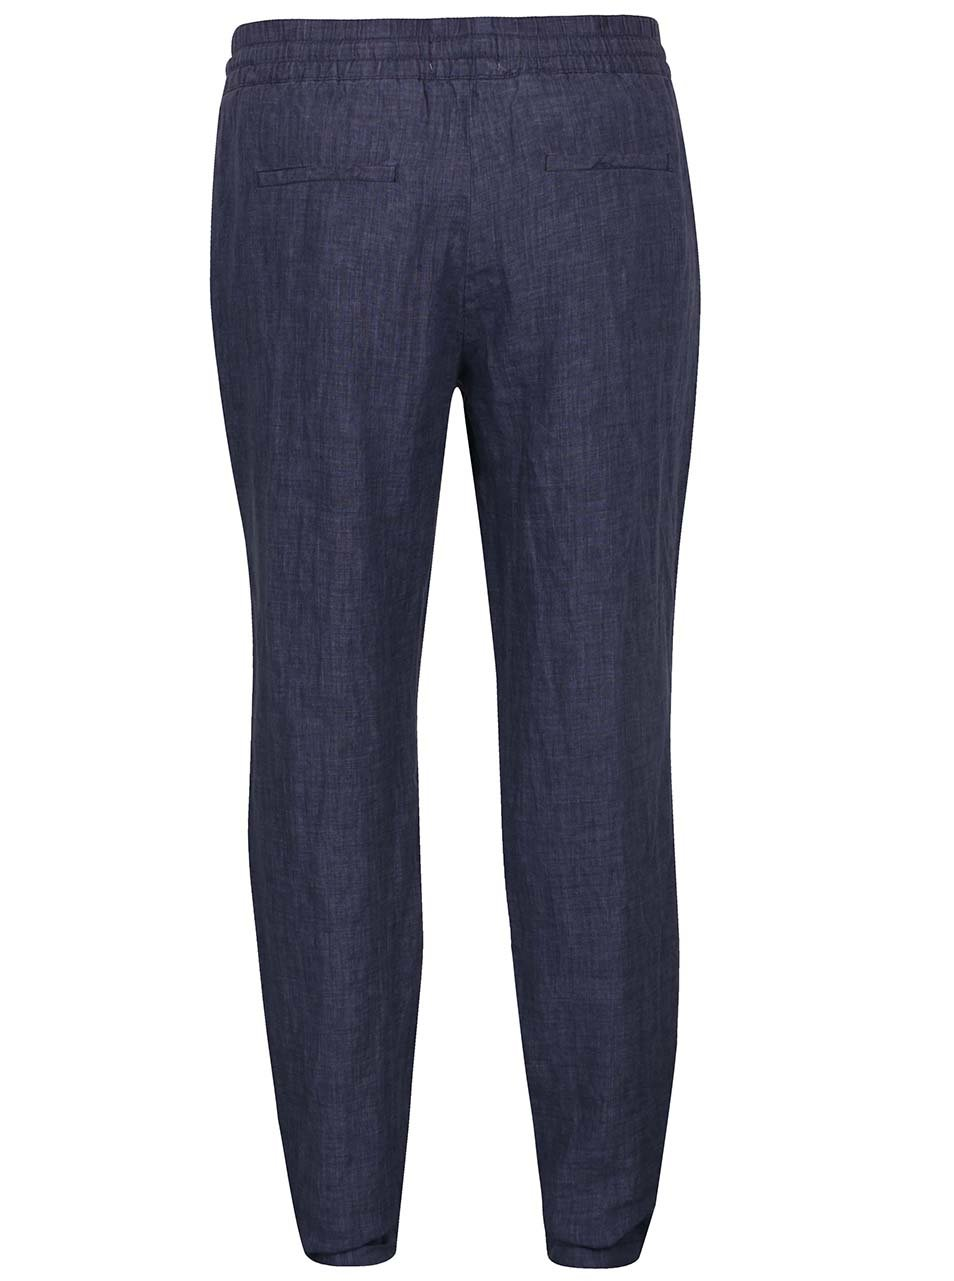 1a9adbd13886 Tmavomodré dámske ľanové nohavice s.Oliver